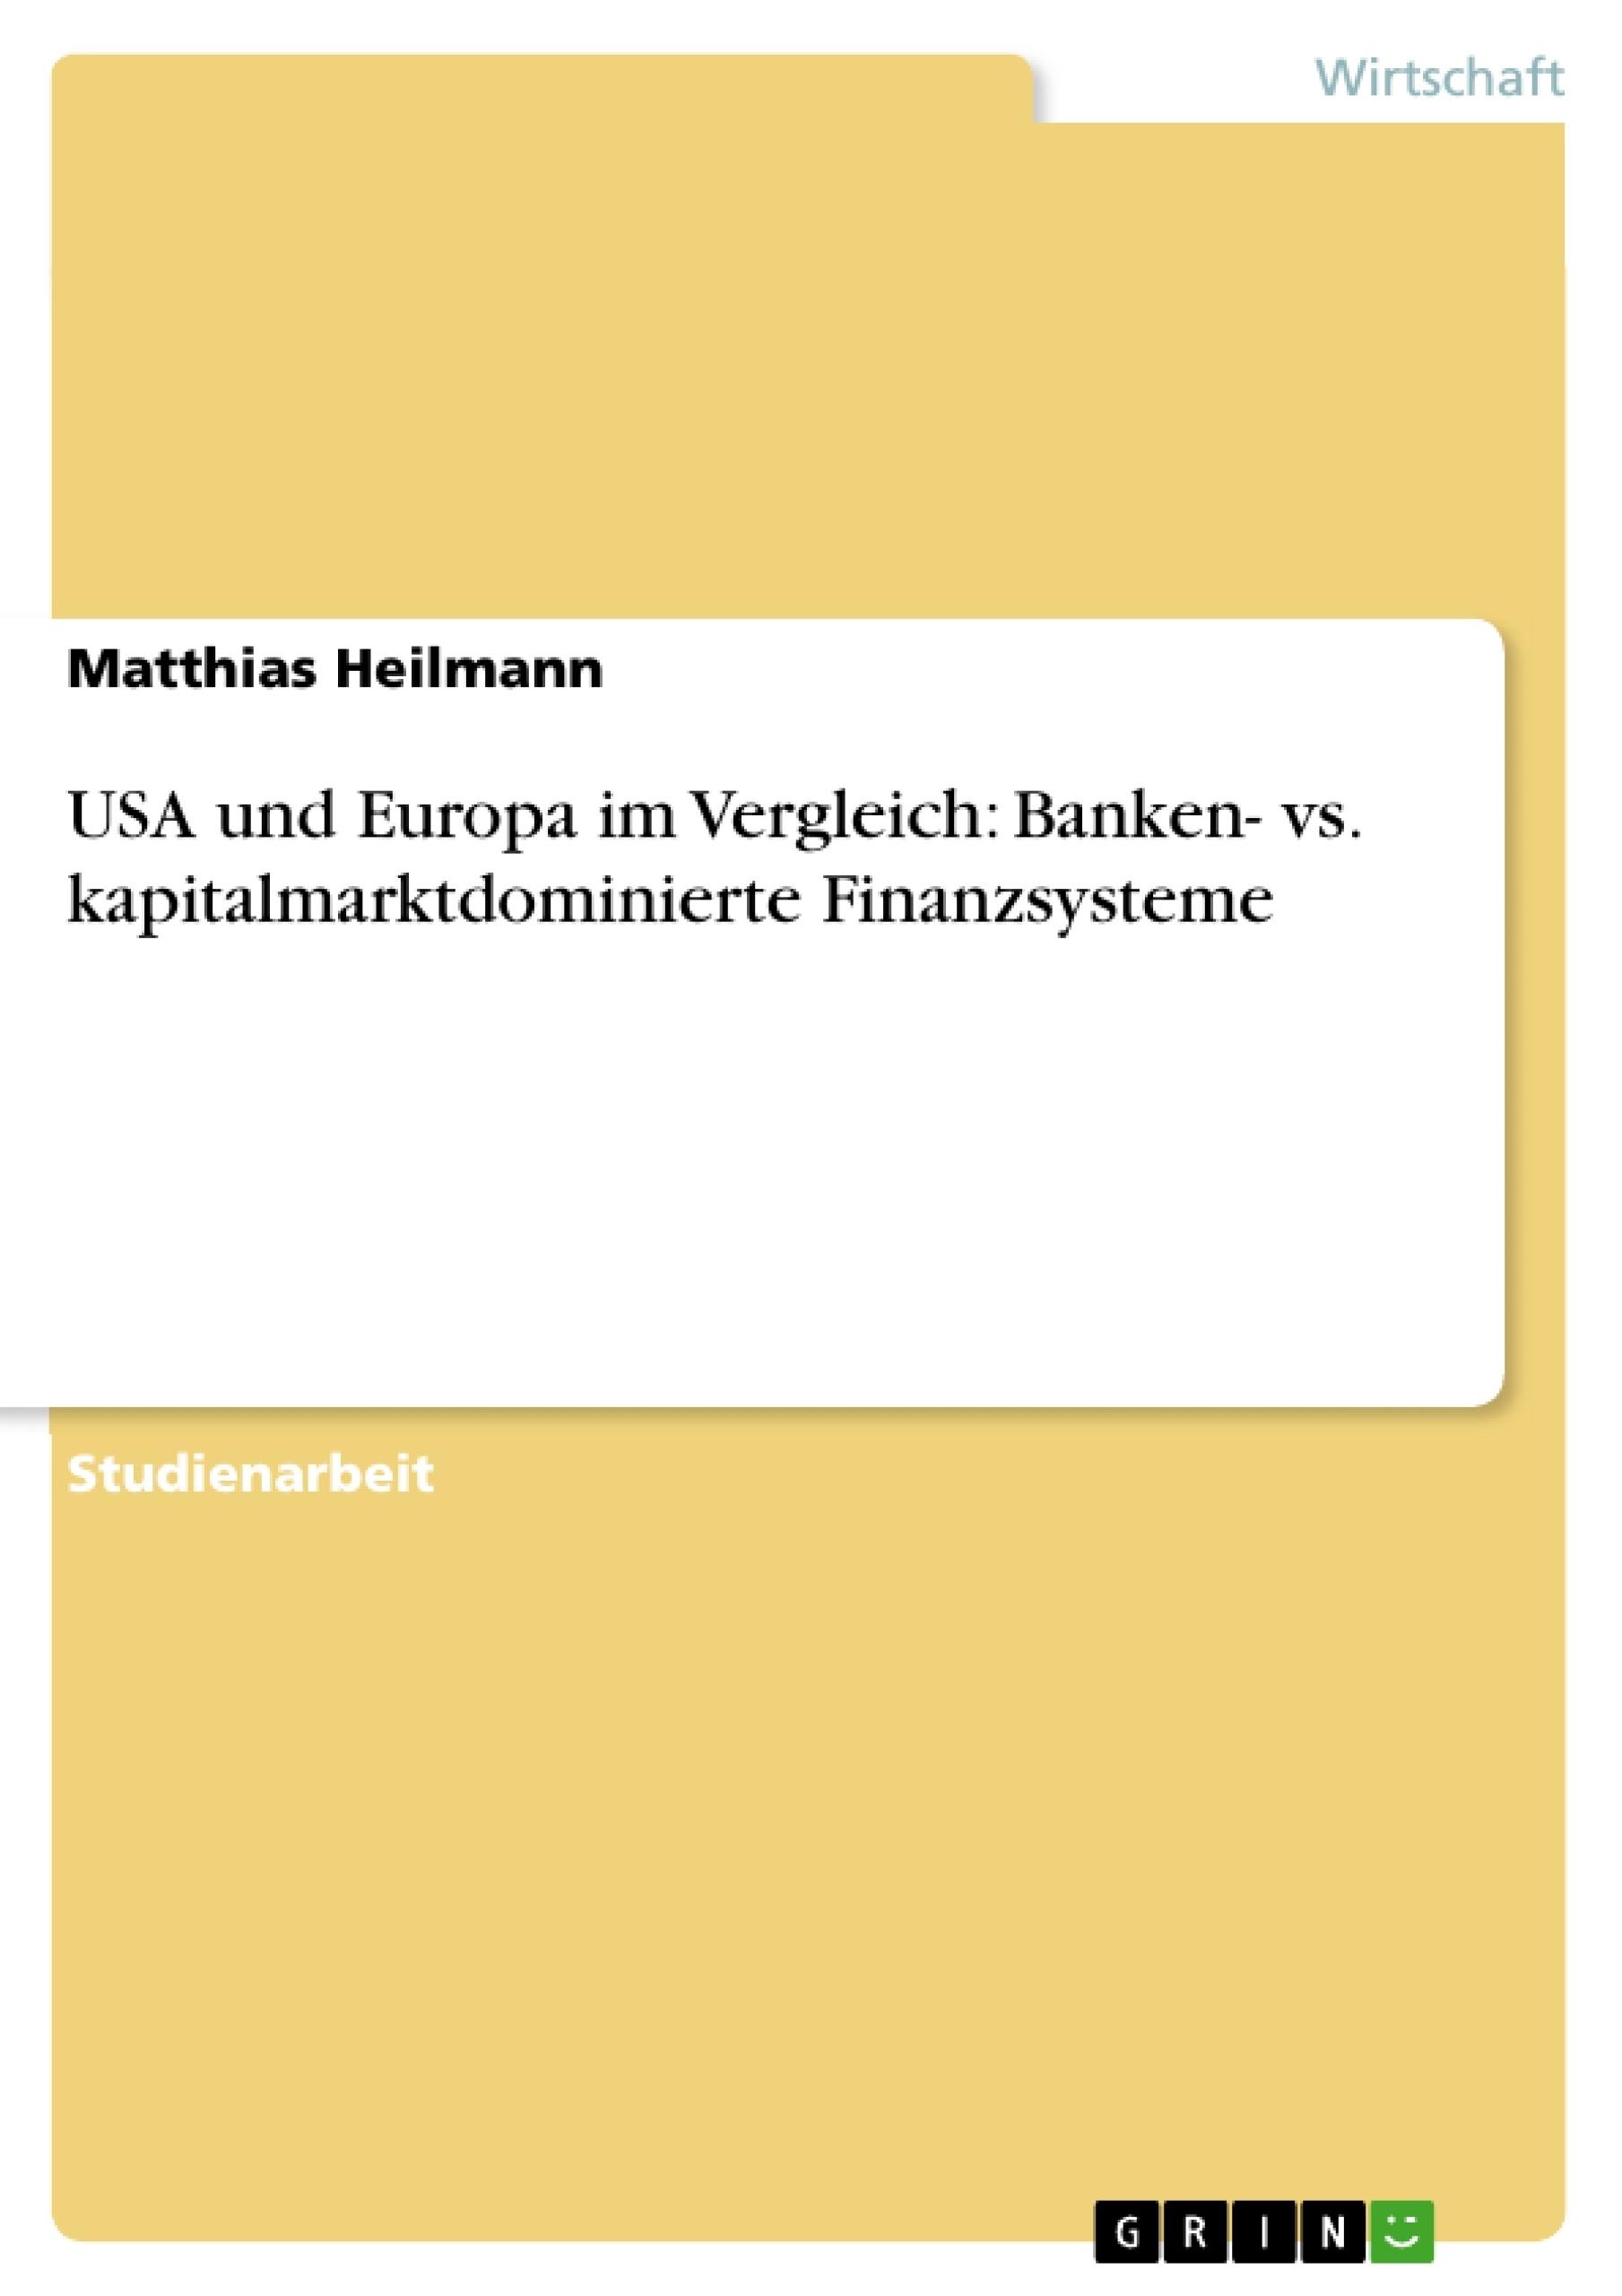 Titel: USA und Europa im Vergleich: Banken- vs. kapitalmarktdominierte Finanzsysteme